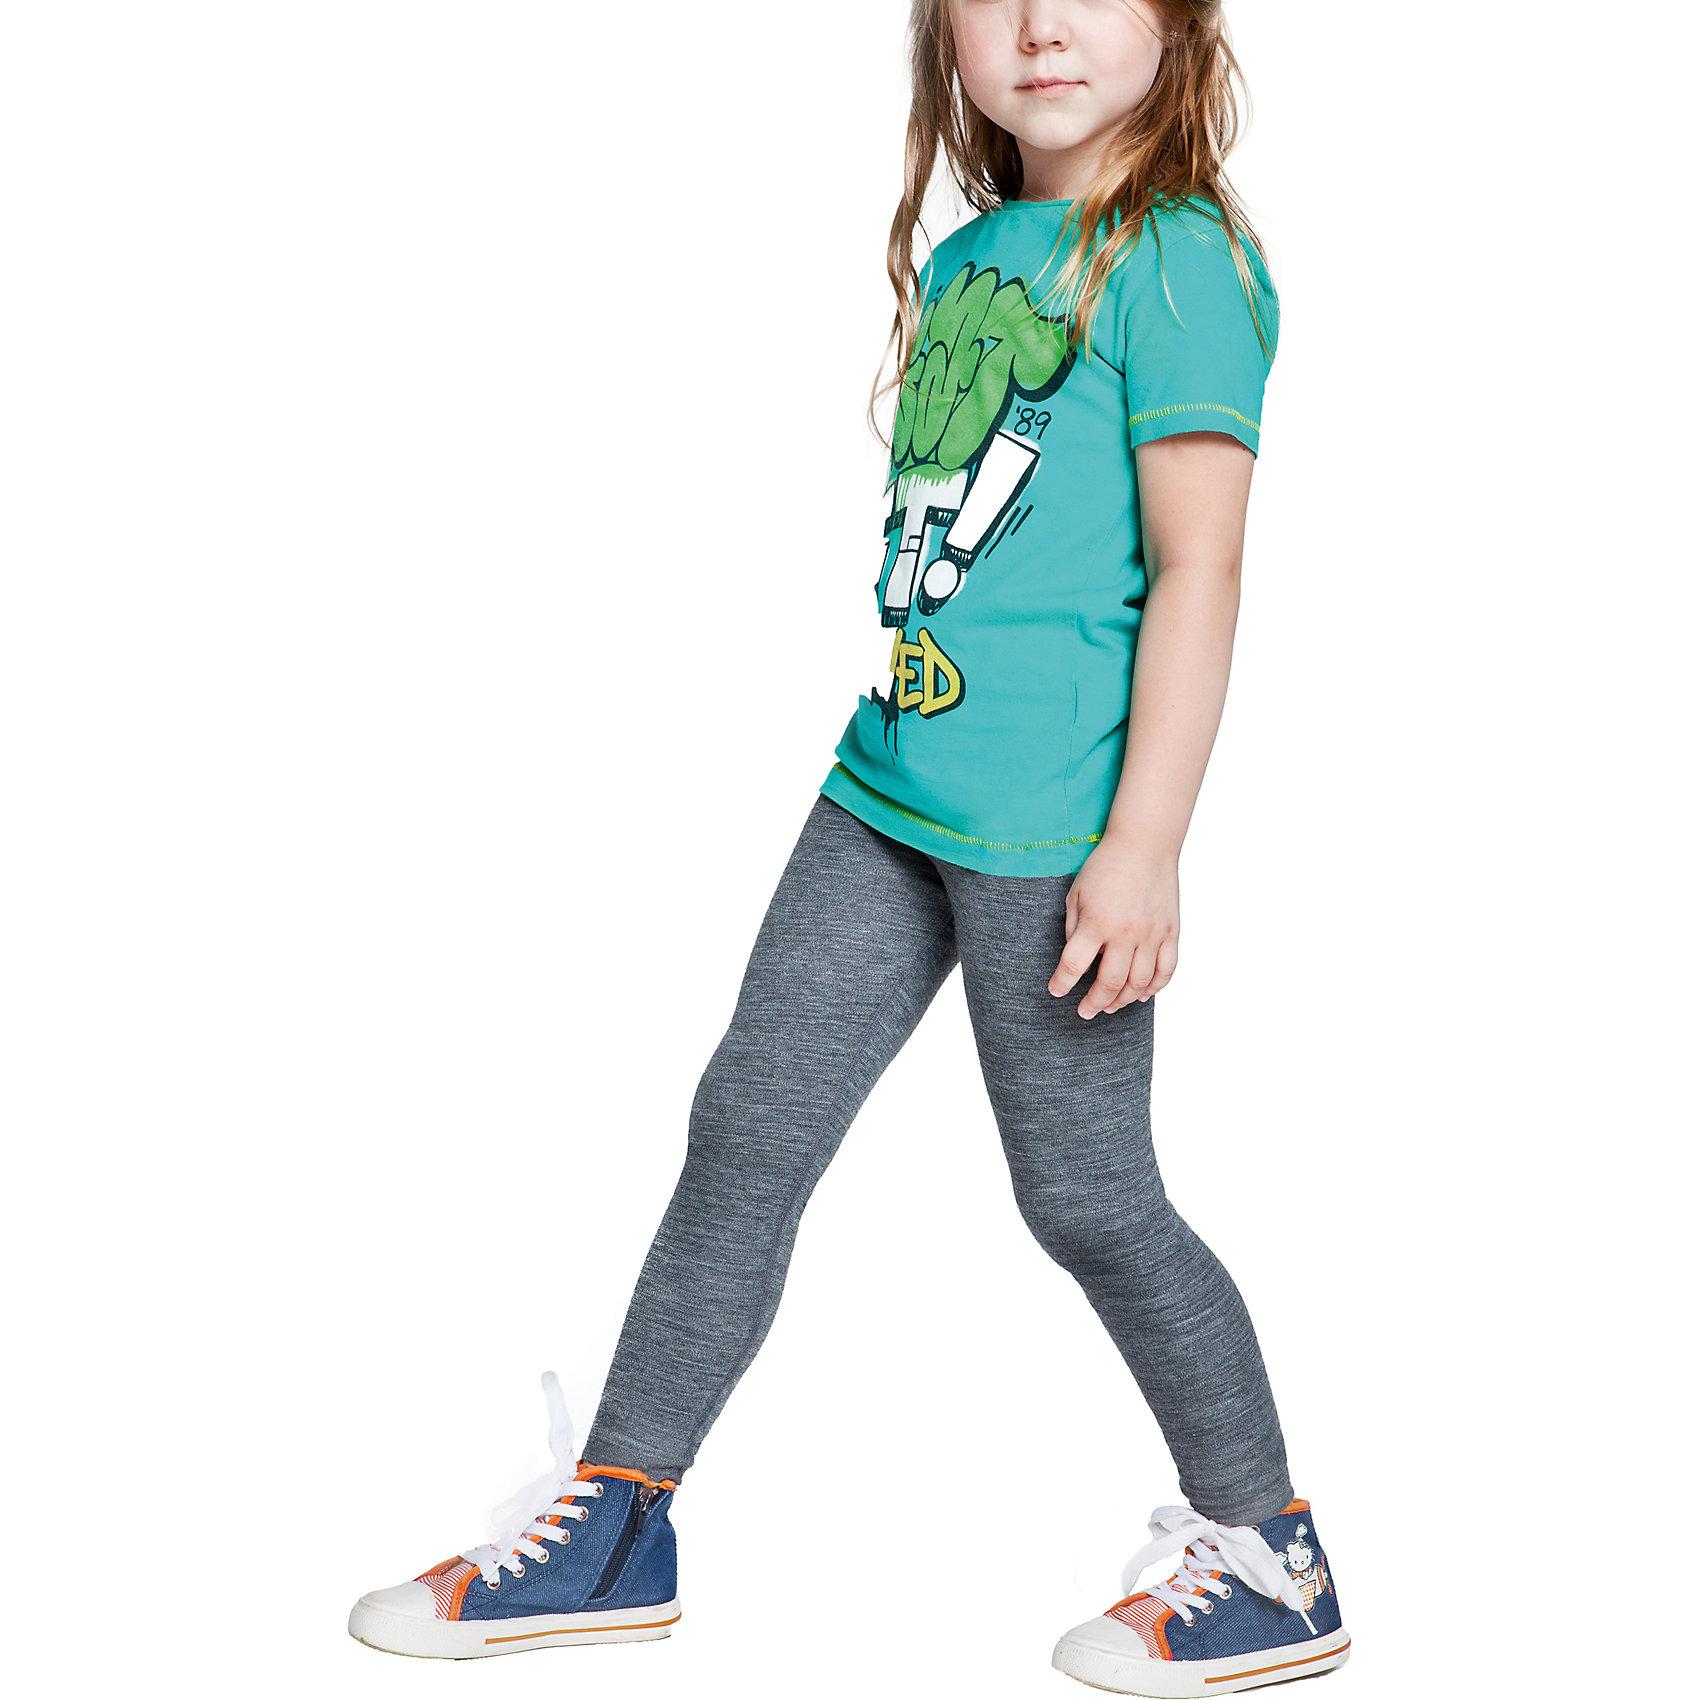 Брюки NorvegБрюки от известного бренда Norveg<br><br>Термобрюки Norveg Soft от немецкой компании Norveg (Норвег) - это удобная и красивая одежда, которая обеспечит комфортную терморегуляцию тела и на улице, и в помещении. <br>Они сделаны из шерсти мериноса (австралийской тонкорунной овцы), очень приятной на ощупь. Такая шерсть обладает гипоаллергенными свойствами, поэтому не вызывает раздражения, даже если надета на голое тело.<br><br>Отличительные особенности модели:<br><br>- цвет: серый;<br>- швы плоские, не натирают и не мешают движению;<br>- анатомические резинки;<br>- материал впитывает влагу и сразу выводит наружу;<br>- анатомический крой;<br>- подходит и мальчикам, и девочкам;<br>- не мешает под одеждой.<br><br>Дополнительная информация:<br><br>- Температурный режим: от - 20° С  до +20° С.<br><br>- Состав: 100% шерсть мериноса<br><br>Брюки Norveg (Норвег) можно купить в нашем магазине.<br><br>Ширина мм: 215<br>Глубина мм: 88<br>Высота мм: 191<br>Вес г: 336<br>Цвет: серый<br>Возраст от месяцев: 3<br>Возраст до месяцев: 6<br>Пол: Женский<br>Возраст: Детский<br>Размер: 68/74,92/98,128/134,116/122,104/110,80/86<br>SKU: 3895039